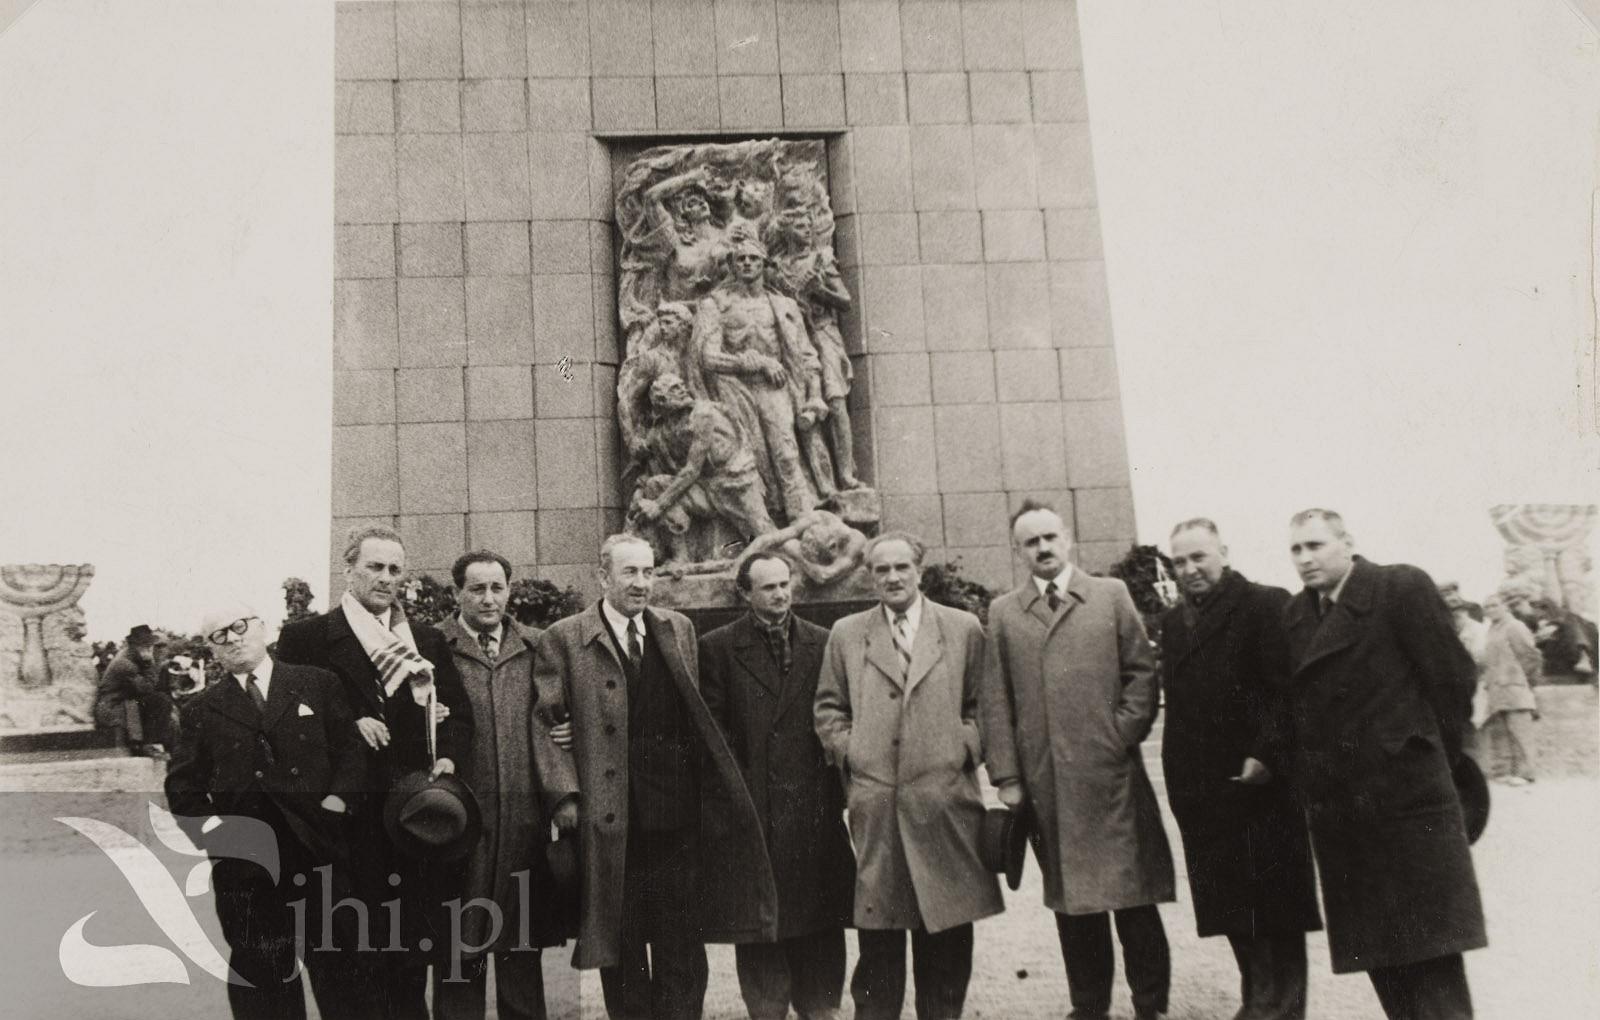 Dzia_acze_CK_P_przed_pomnikiem_z_okazji_rocznicy_wybuchu_powstawnia_w_getcie_warszawskim__7od_lewej_Adolf_Bitter.jpg